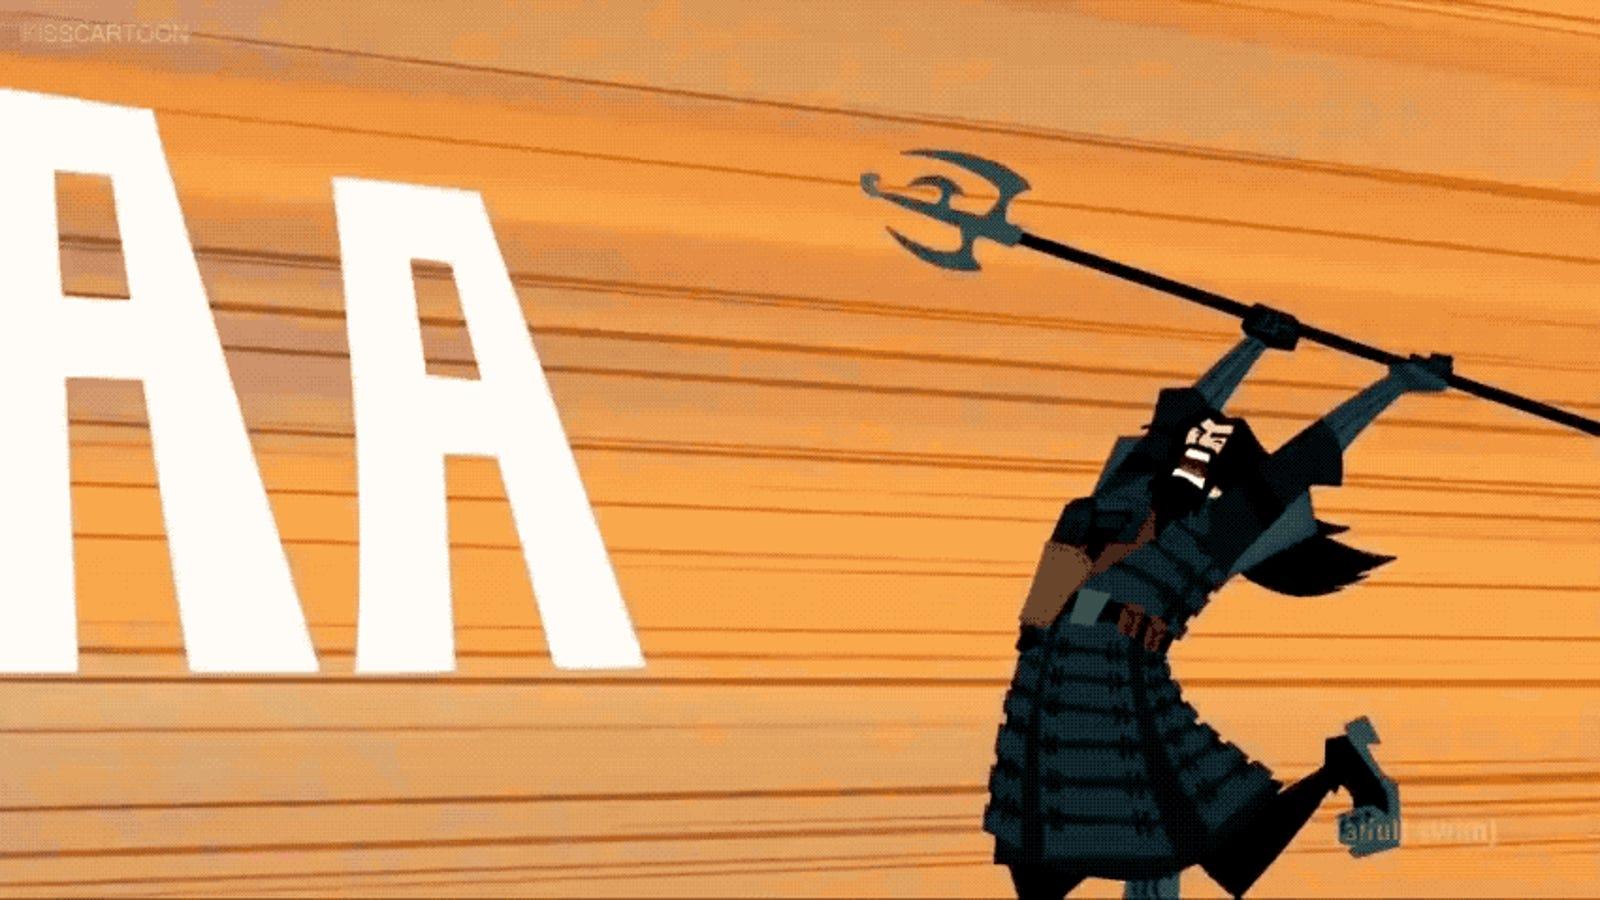 Samurai Jack Creator on Season 5's Opening: 'VROOOOOOOM BLAMABLAMABLAMABLAM'